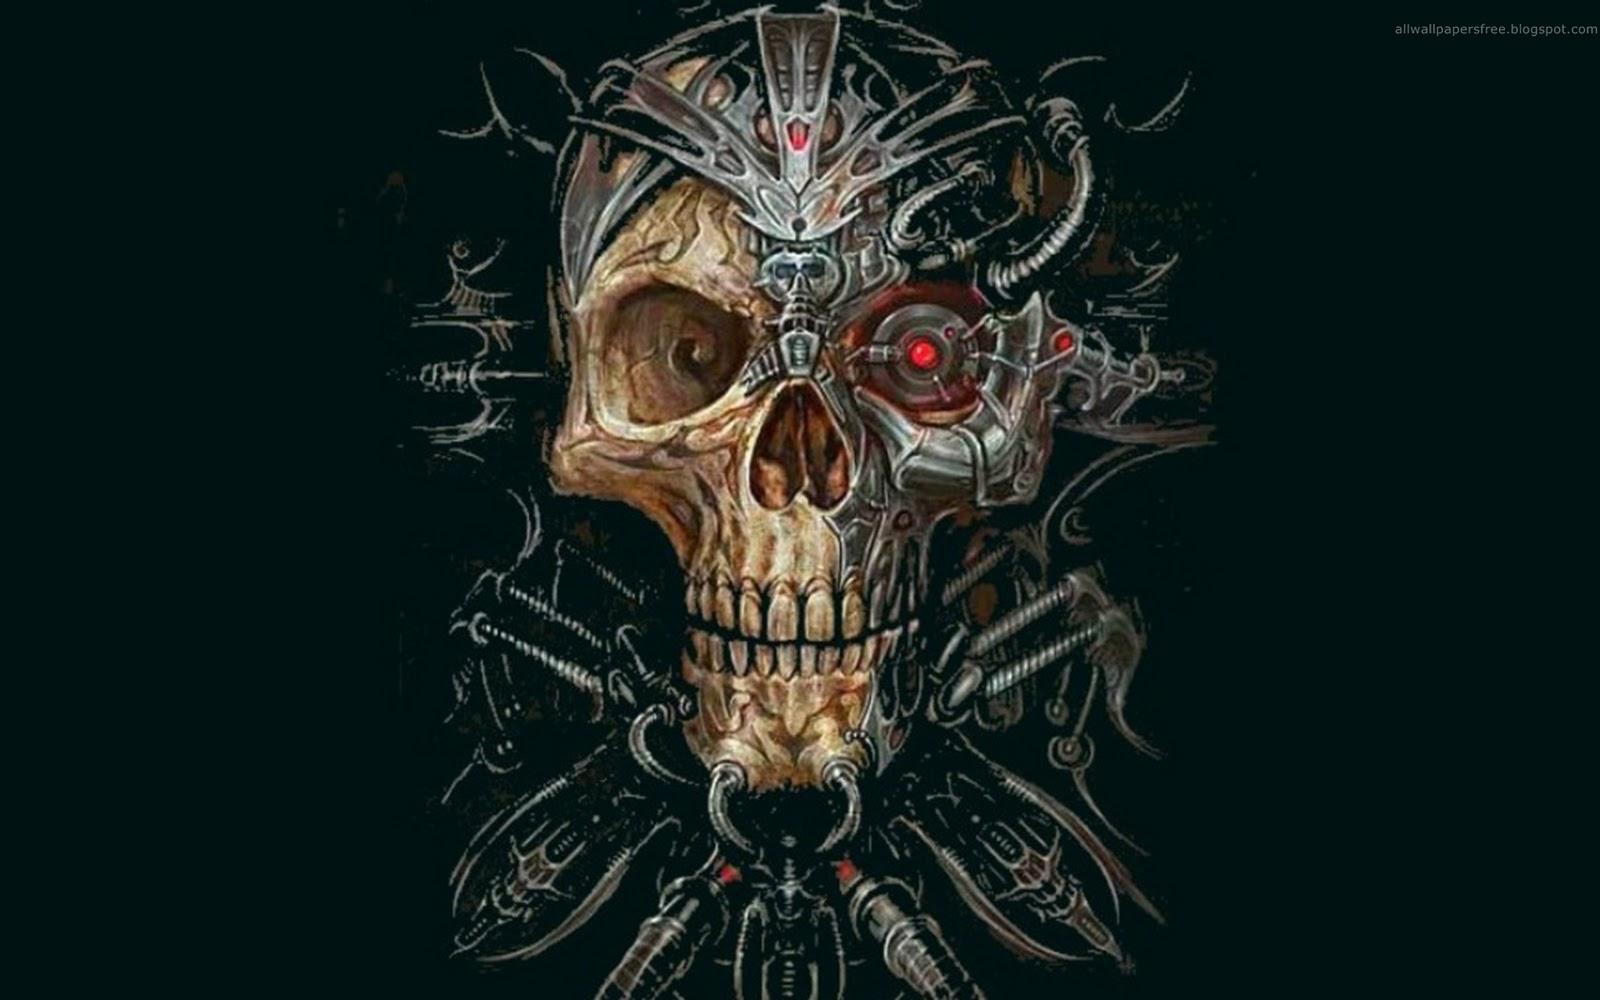 http://4.bp.blogspot.com/-O6rUDZDxkGM/TVWla1XWqjI/AAAAAAAAAZ4/cliit5eS0eA/s1600/wallpaper-squeleton.jpg